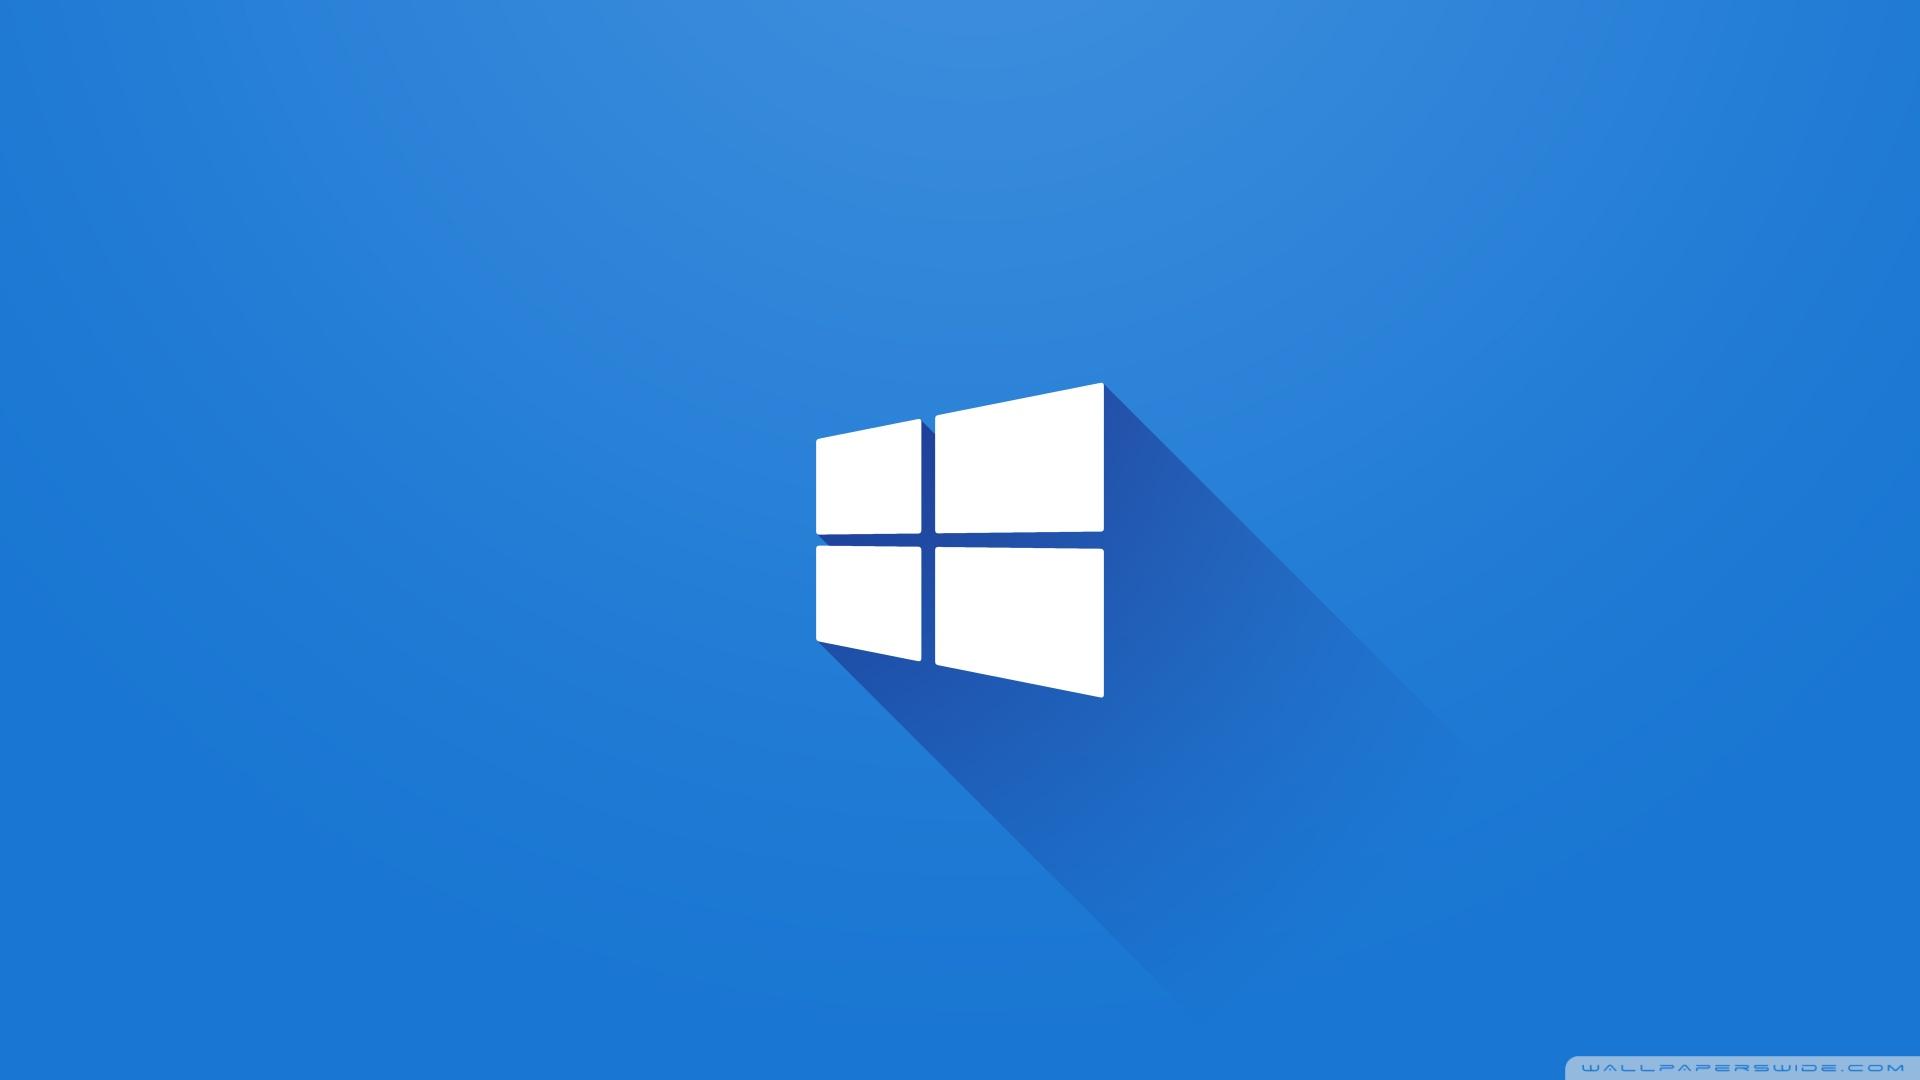 15 Top Windows 10 Wallpapers